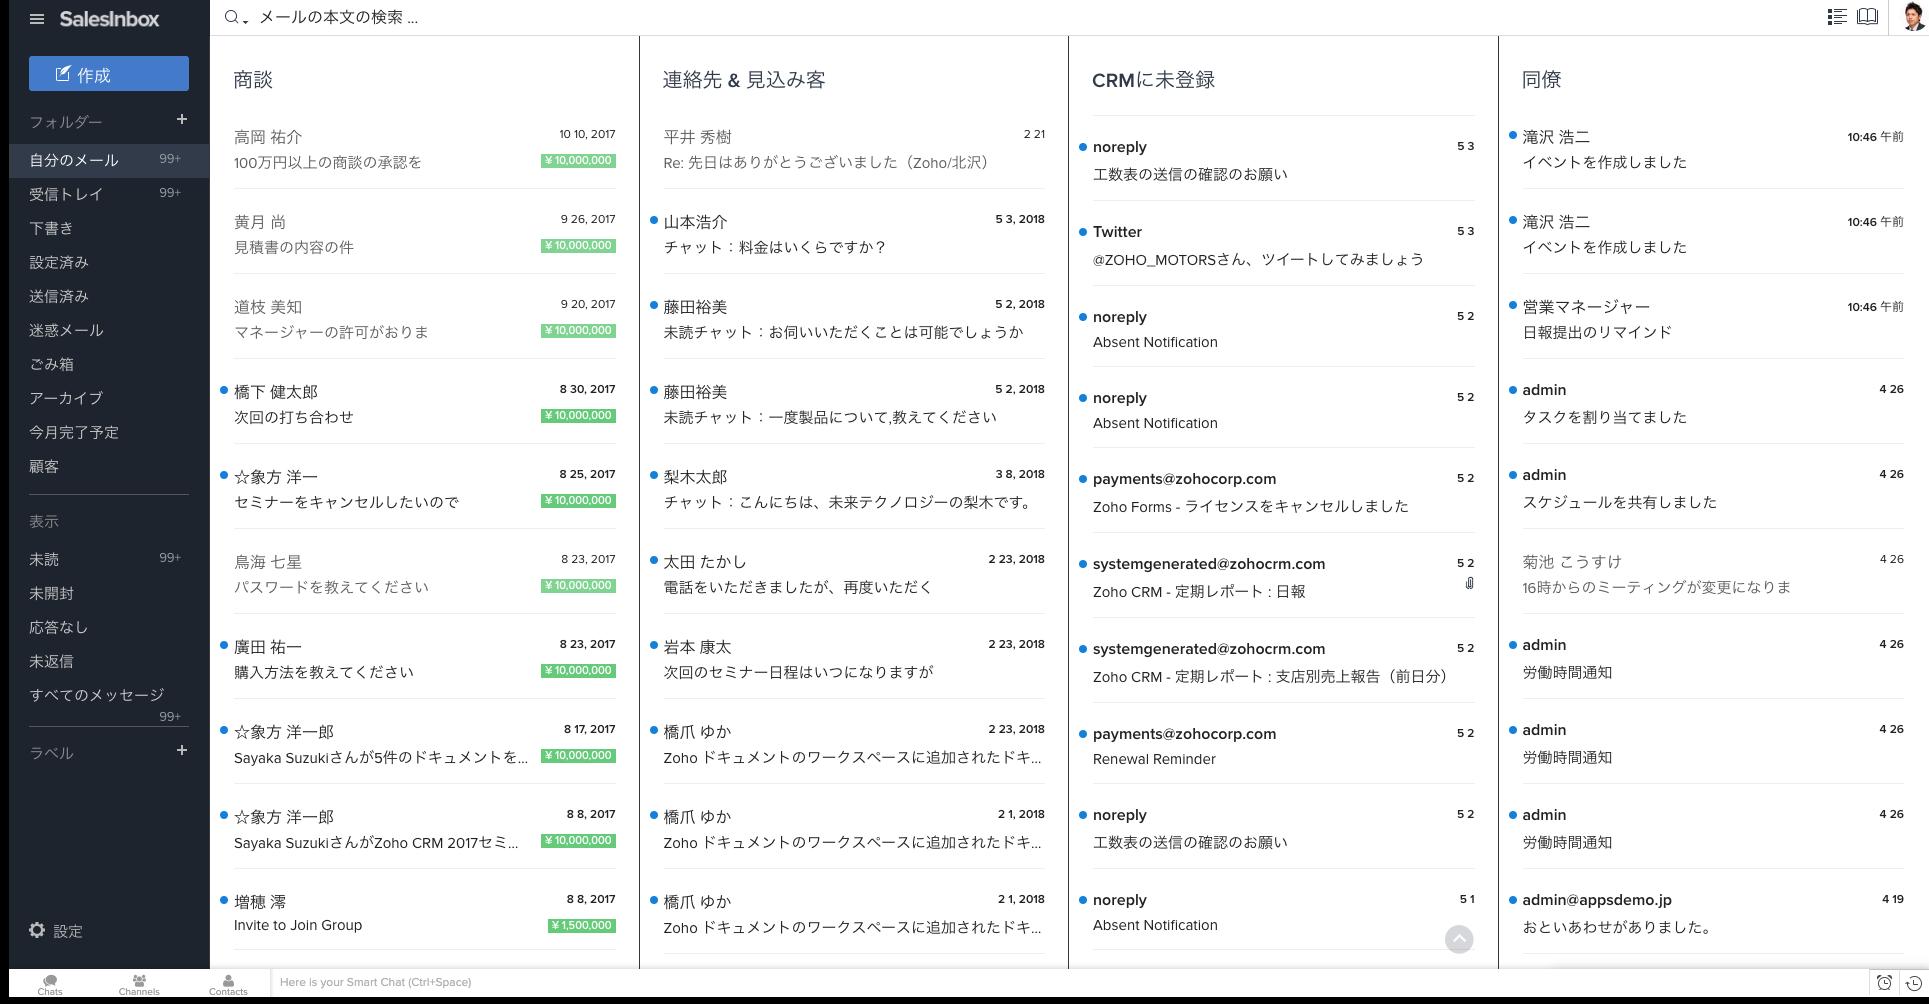 販売管理:SalesInboxの画面